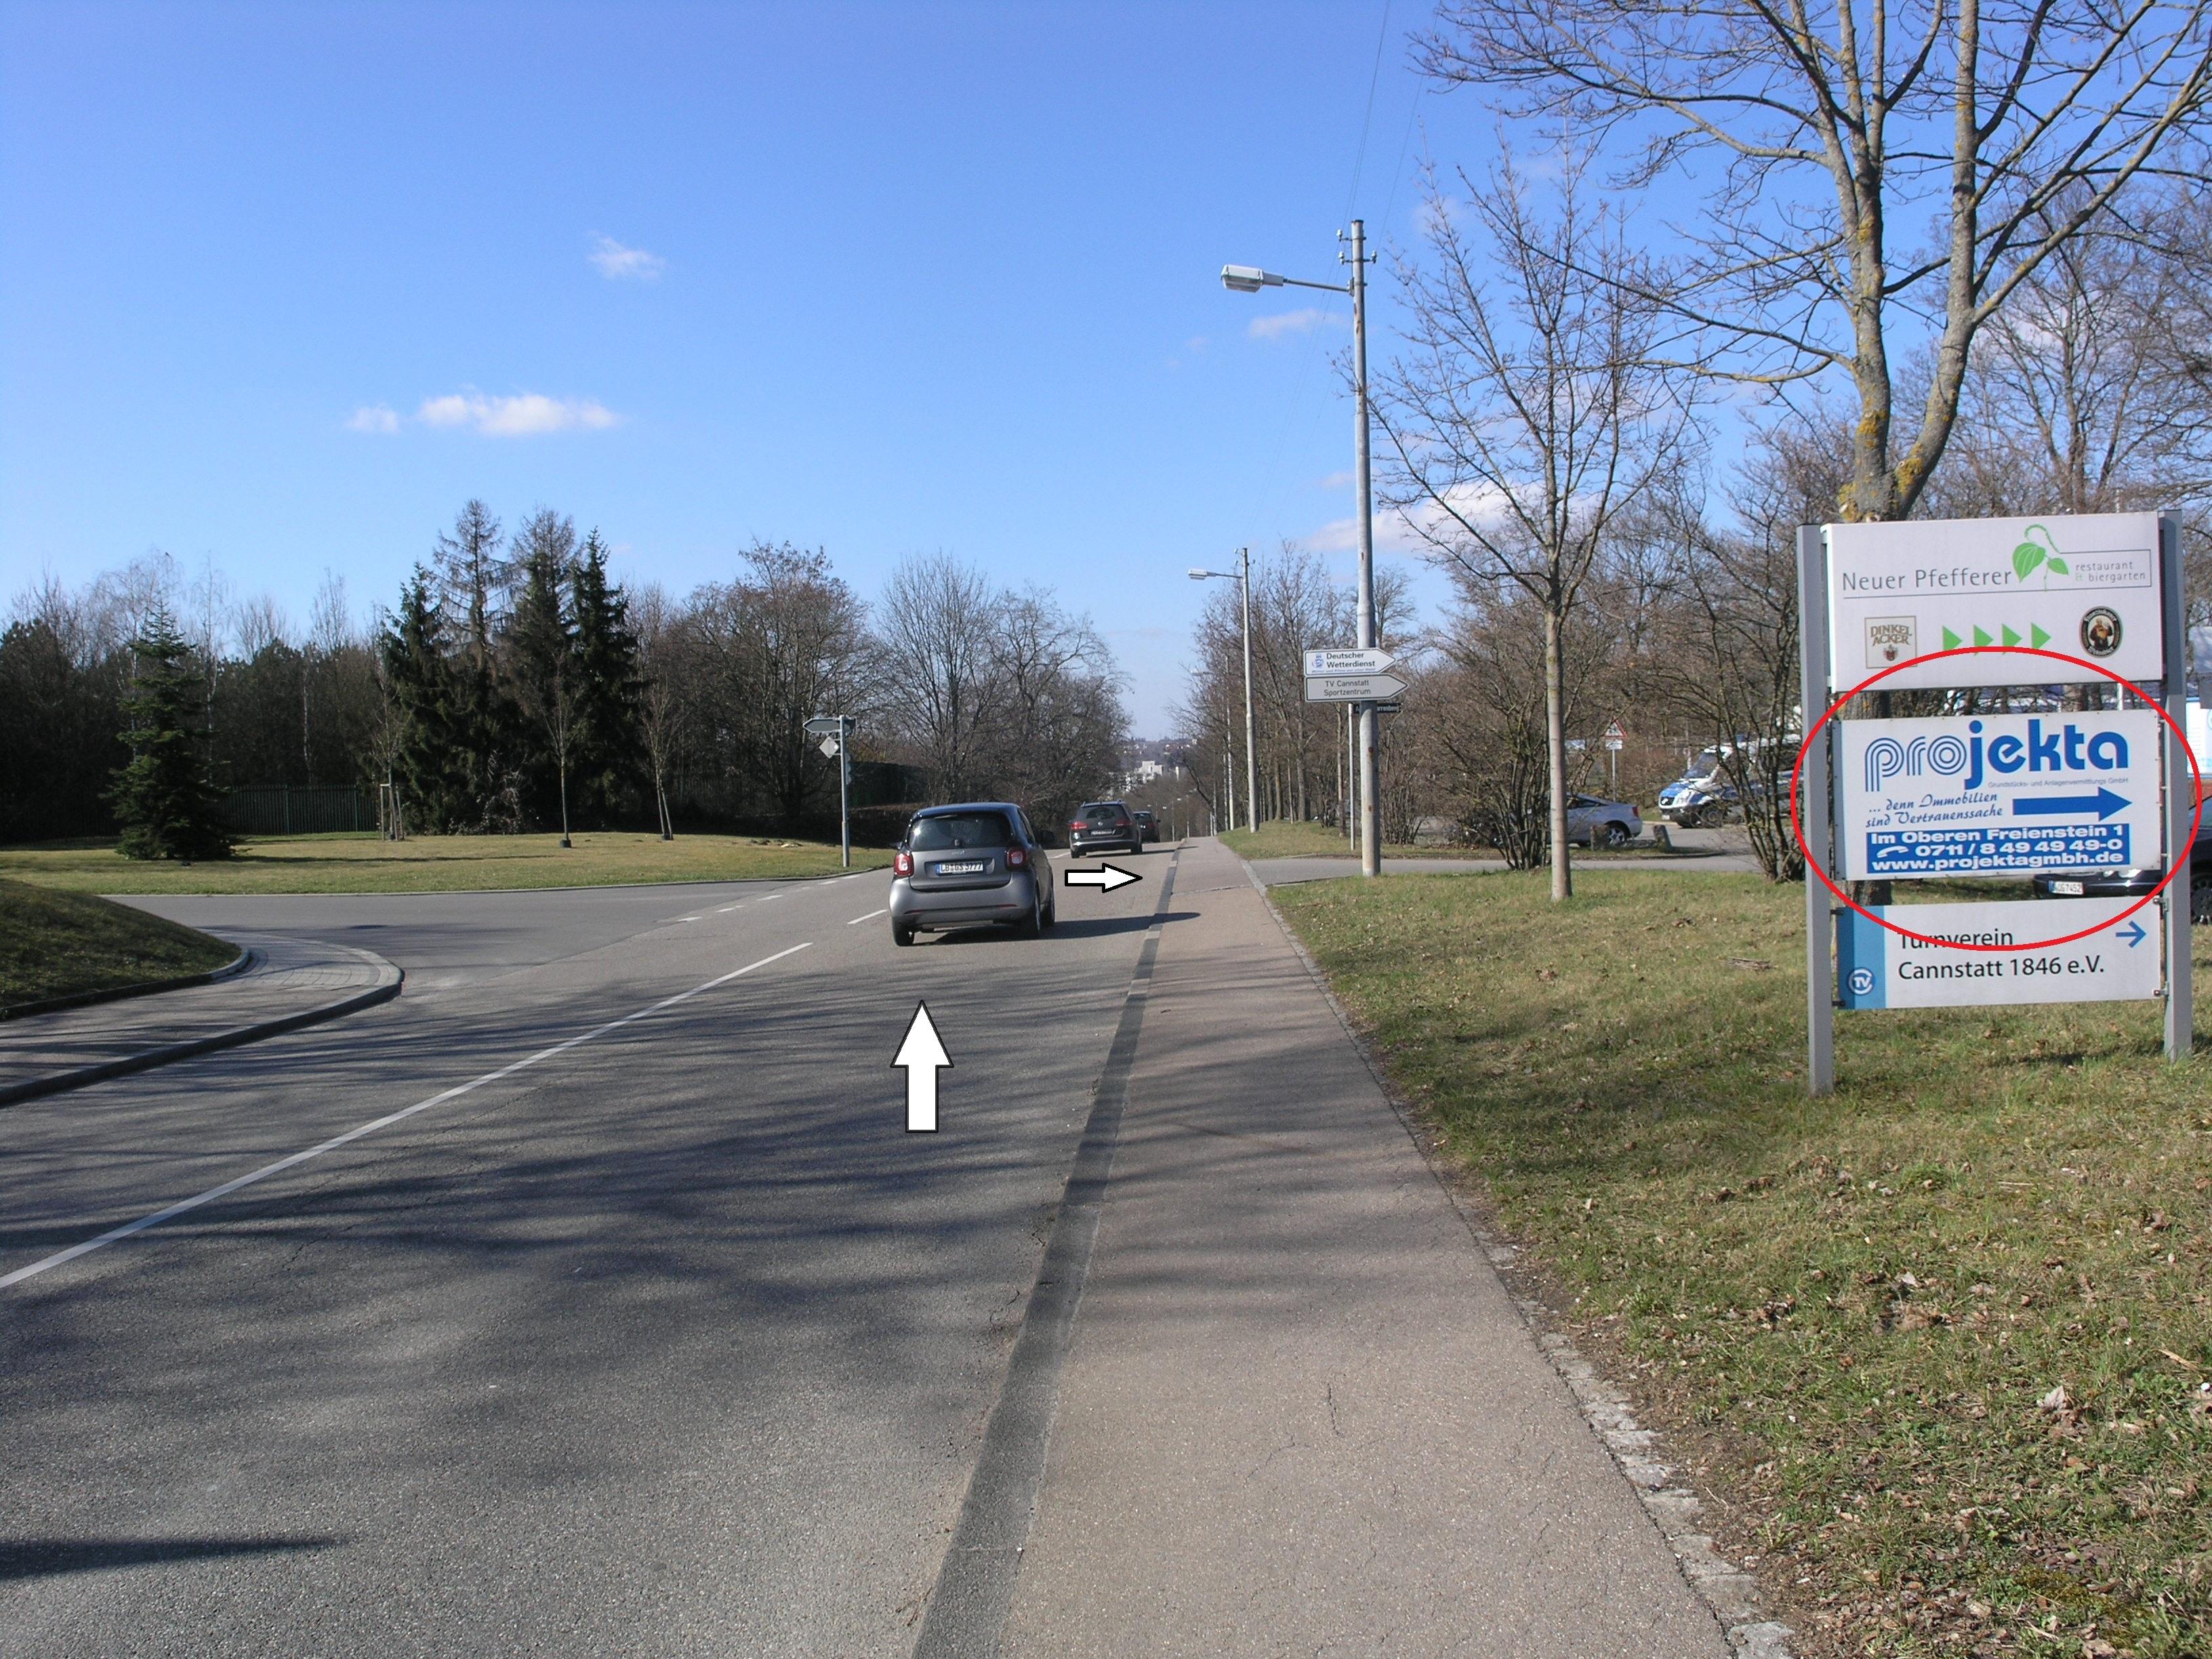 """Nach dem """"Projekta"""" Schild rechts auf die Straße abbiegen, die zum Turnverein führt."""